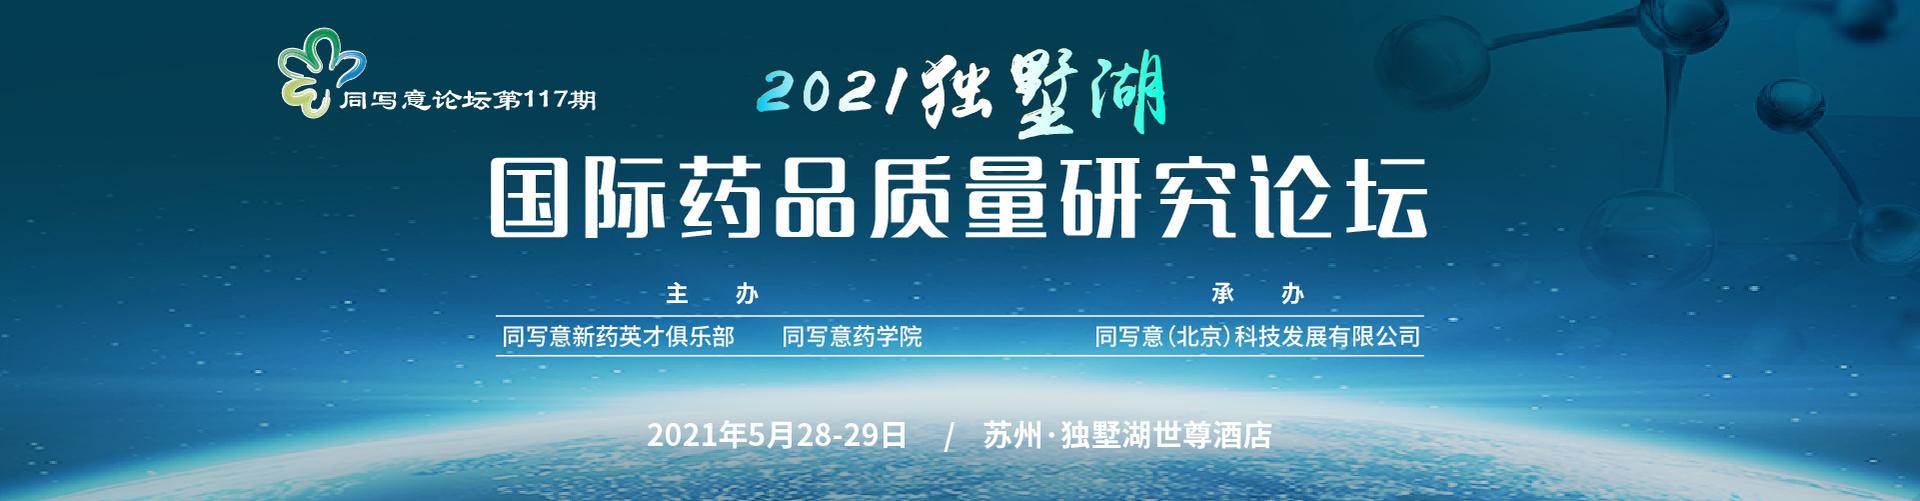 同写意论坛第117期活动-2021独墅湖国际药品质量研究论坛